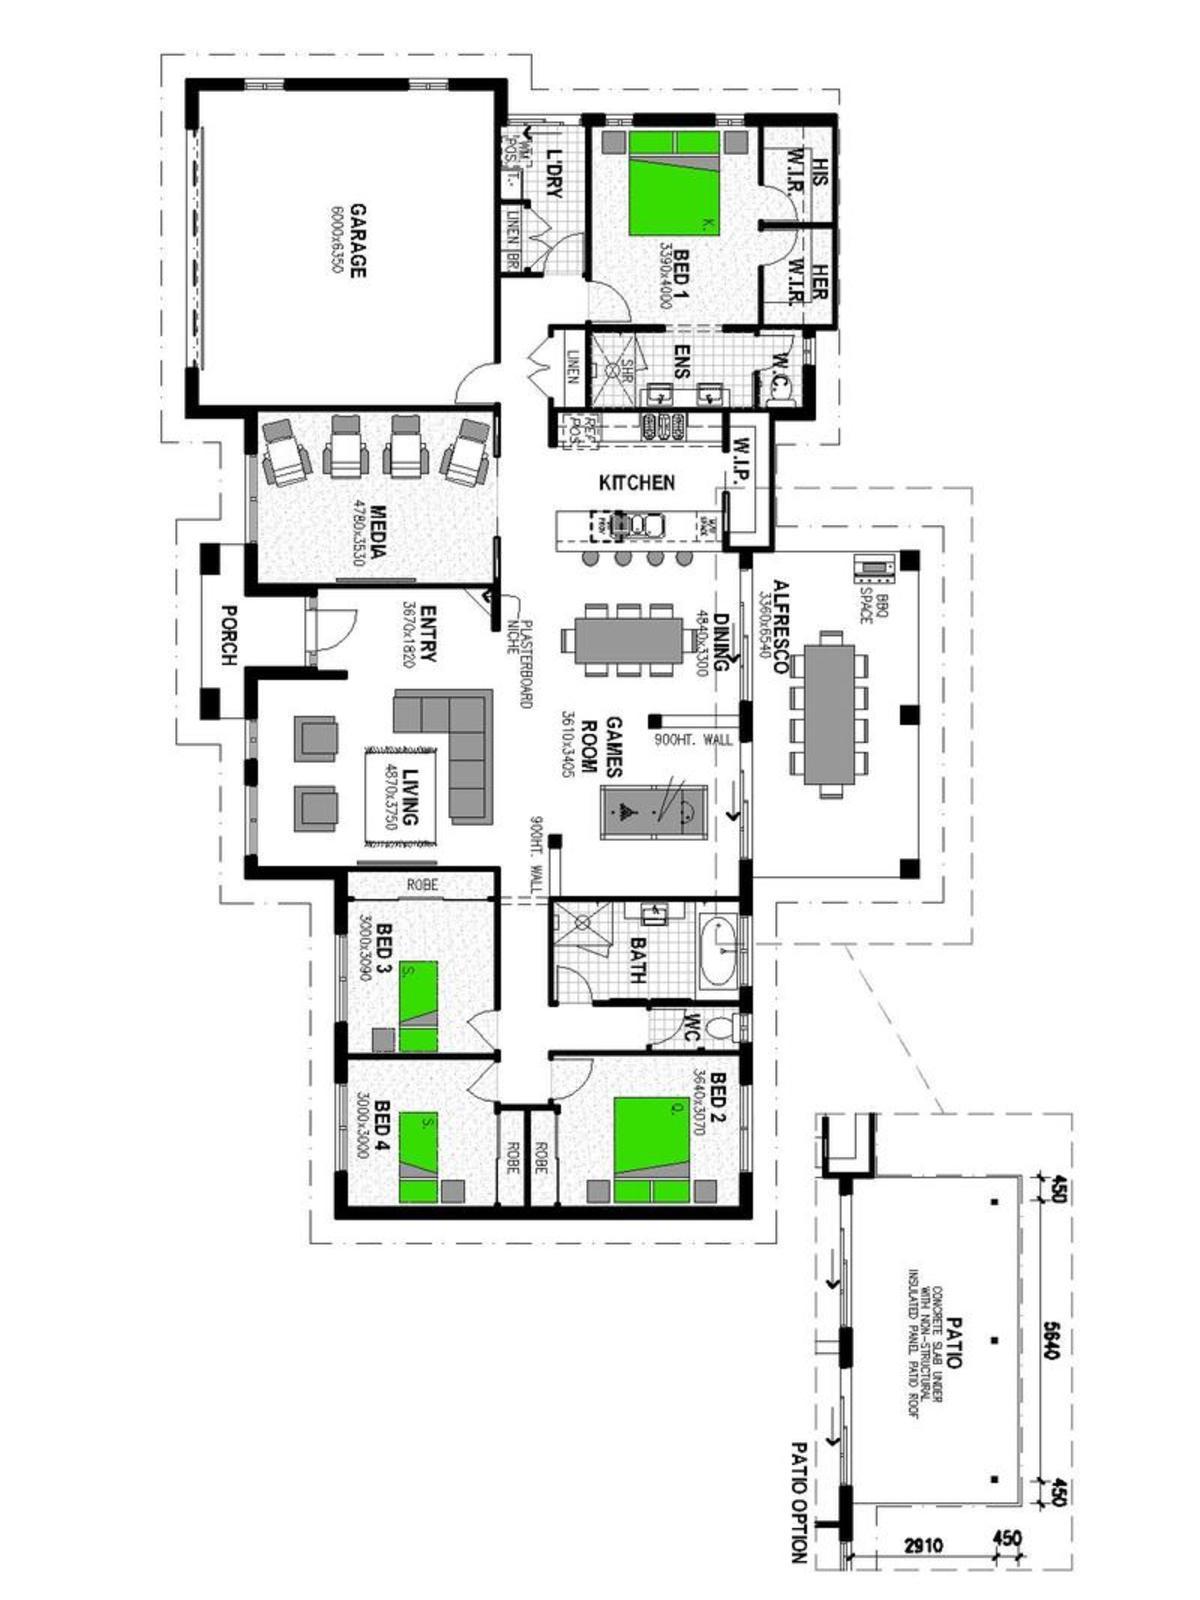 LOT 151 'THE CROSSING' KARALEE Floorplan